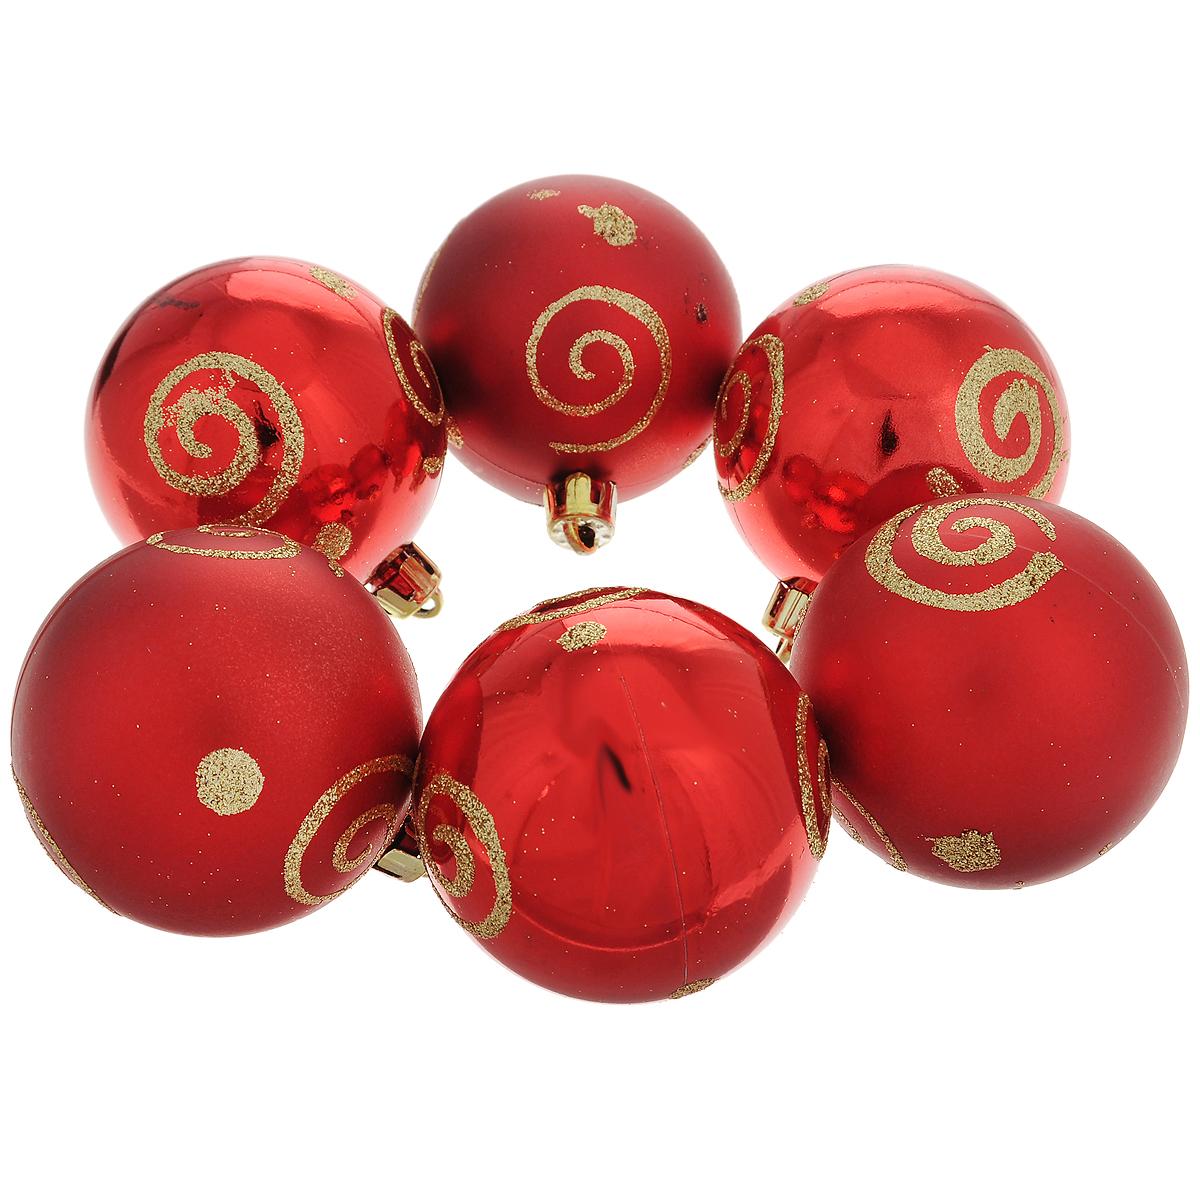 """Набор новогодних подвесных украшений """"Шар"""", цвет: золотистый, красный, диаметр 6 см, 6 шт. 35501"""